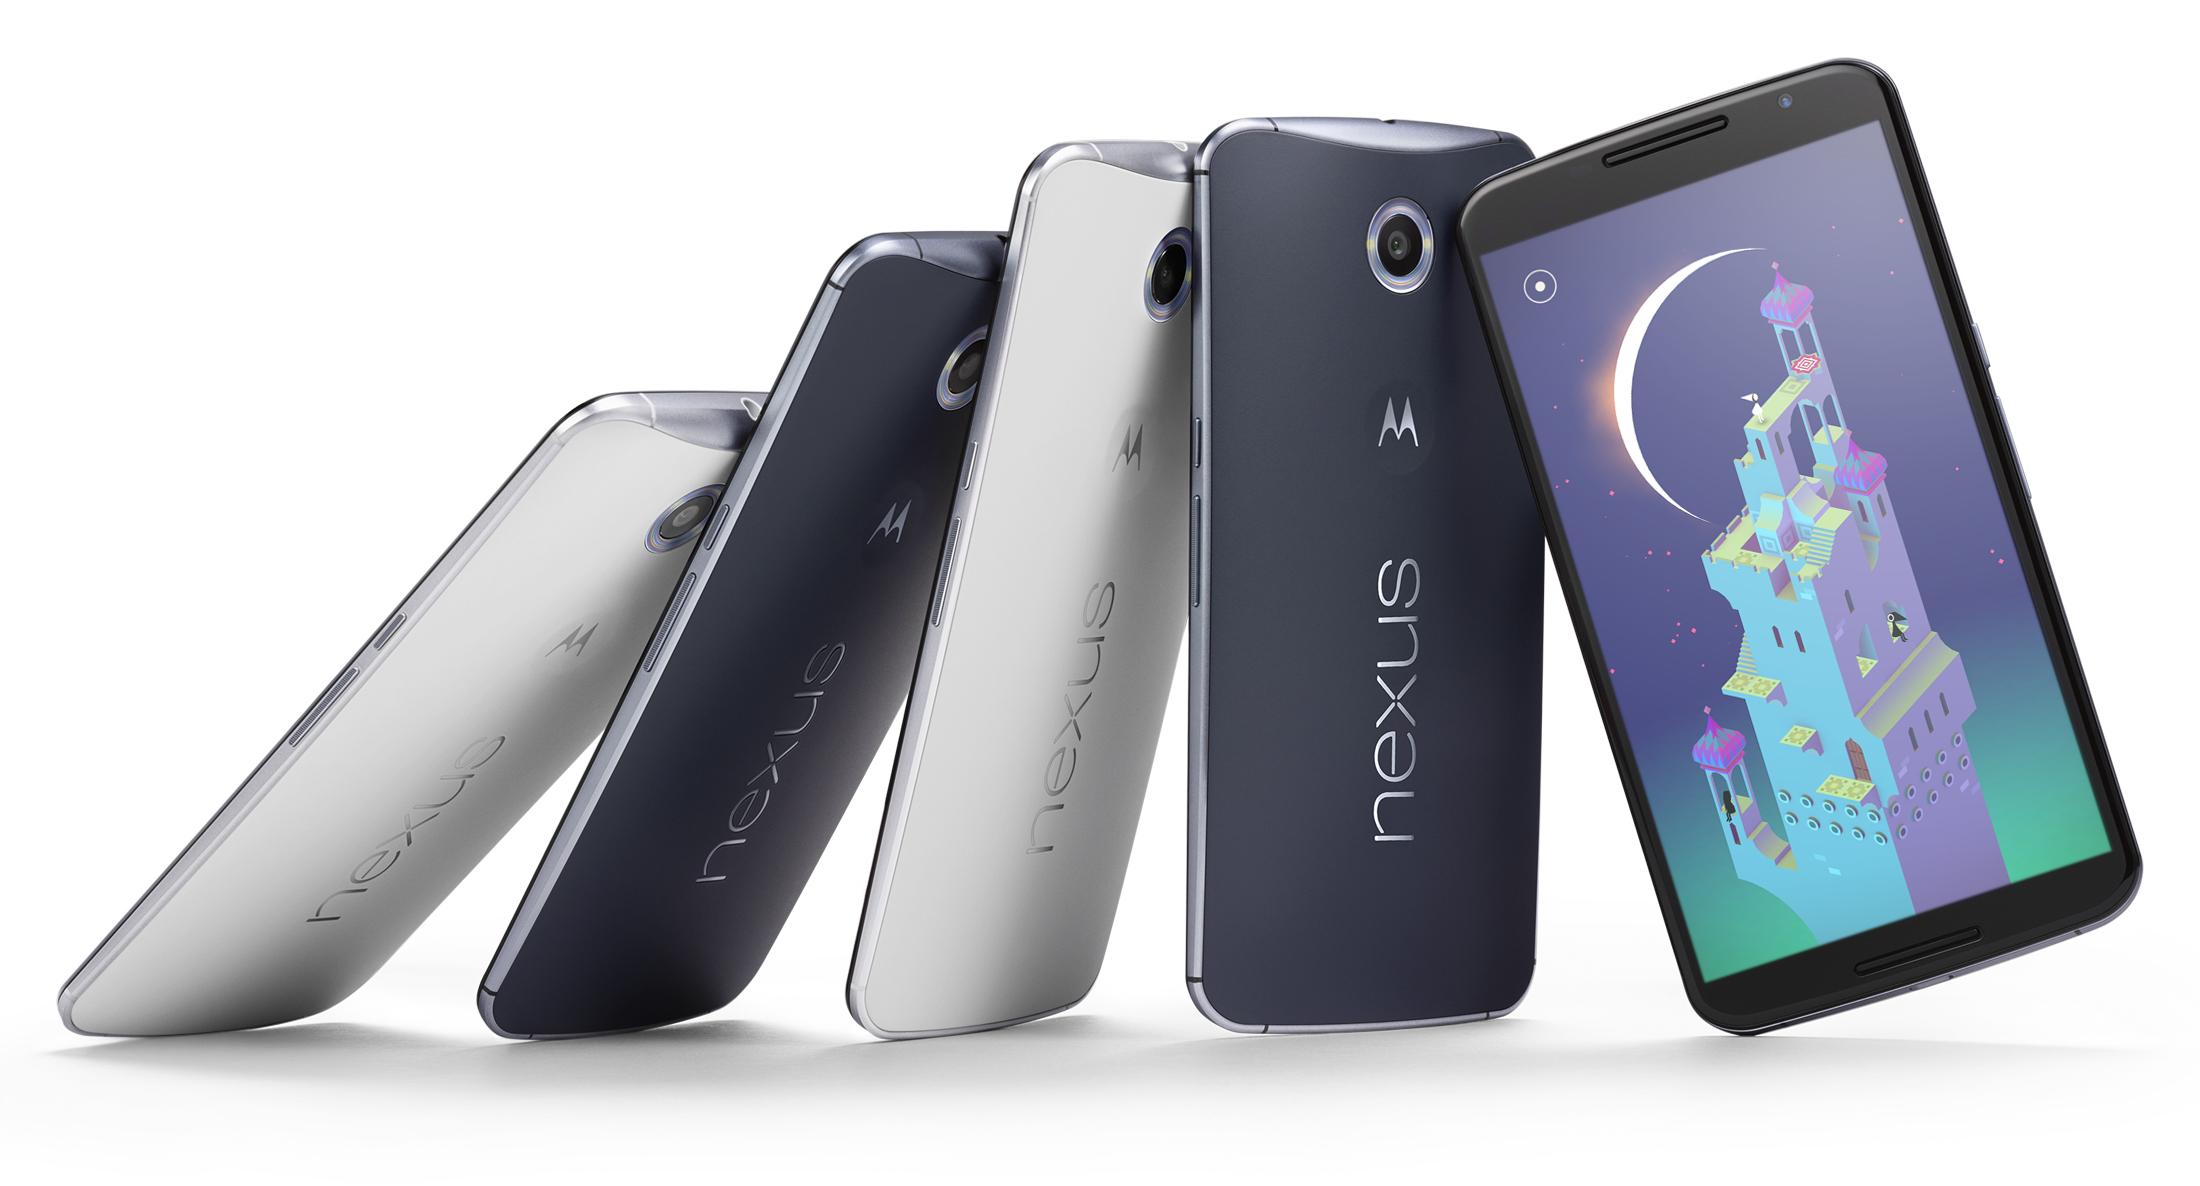 【報價】3HK 最平 $298 月費 0 機價即出 Google 親生仔 Nexus 6